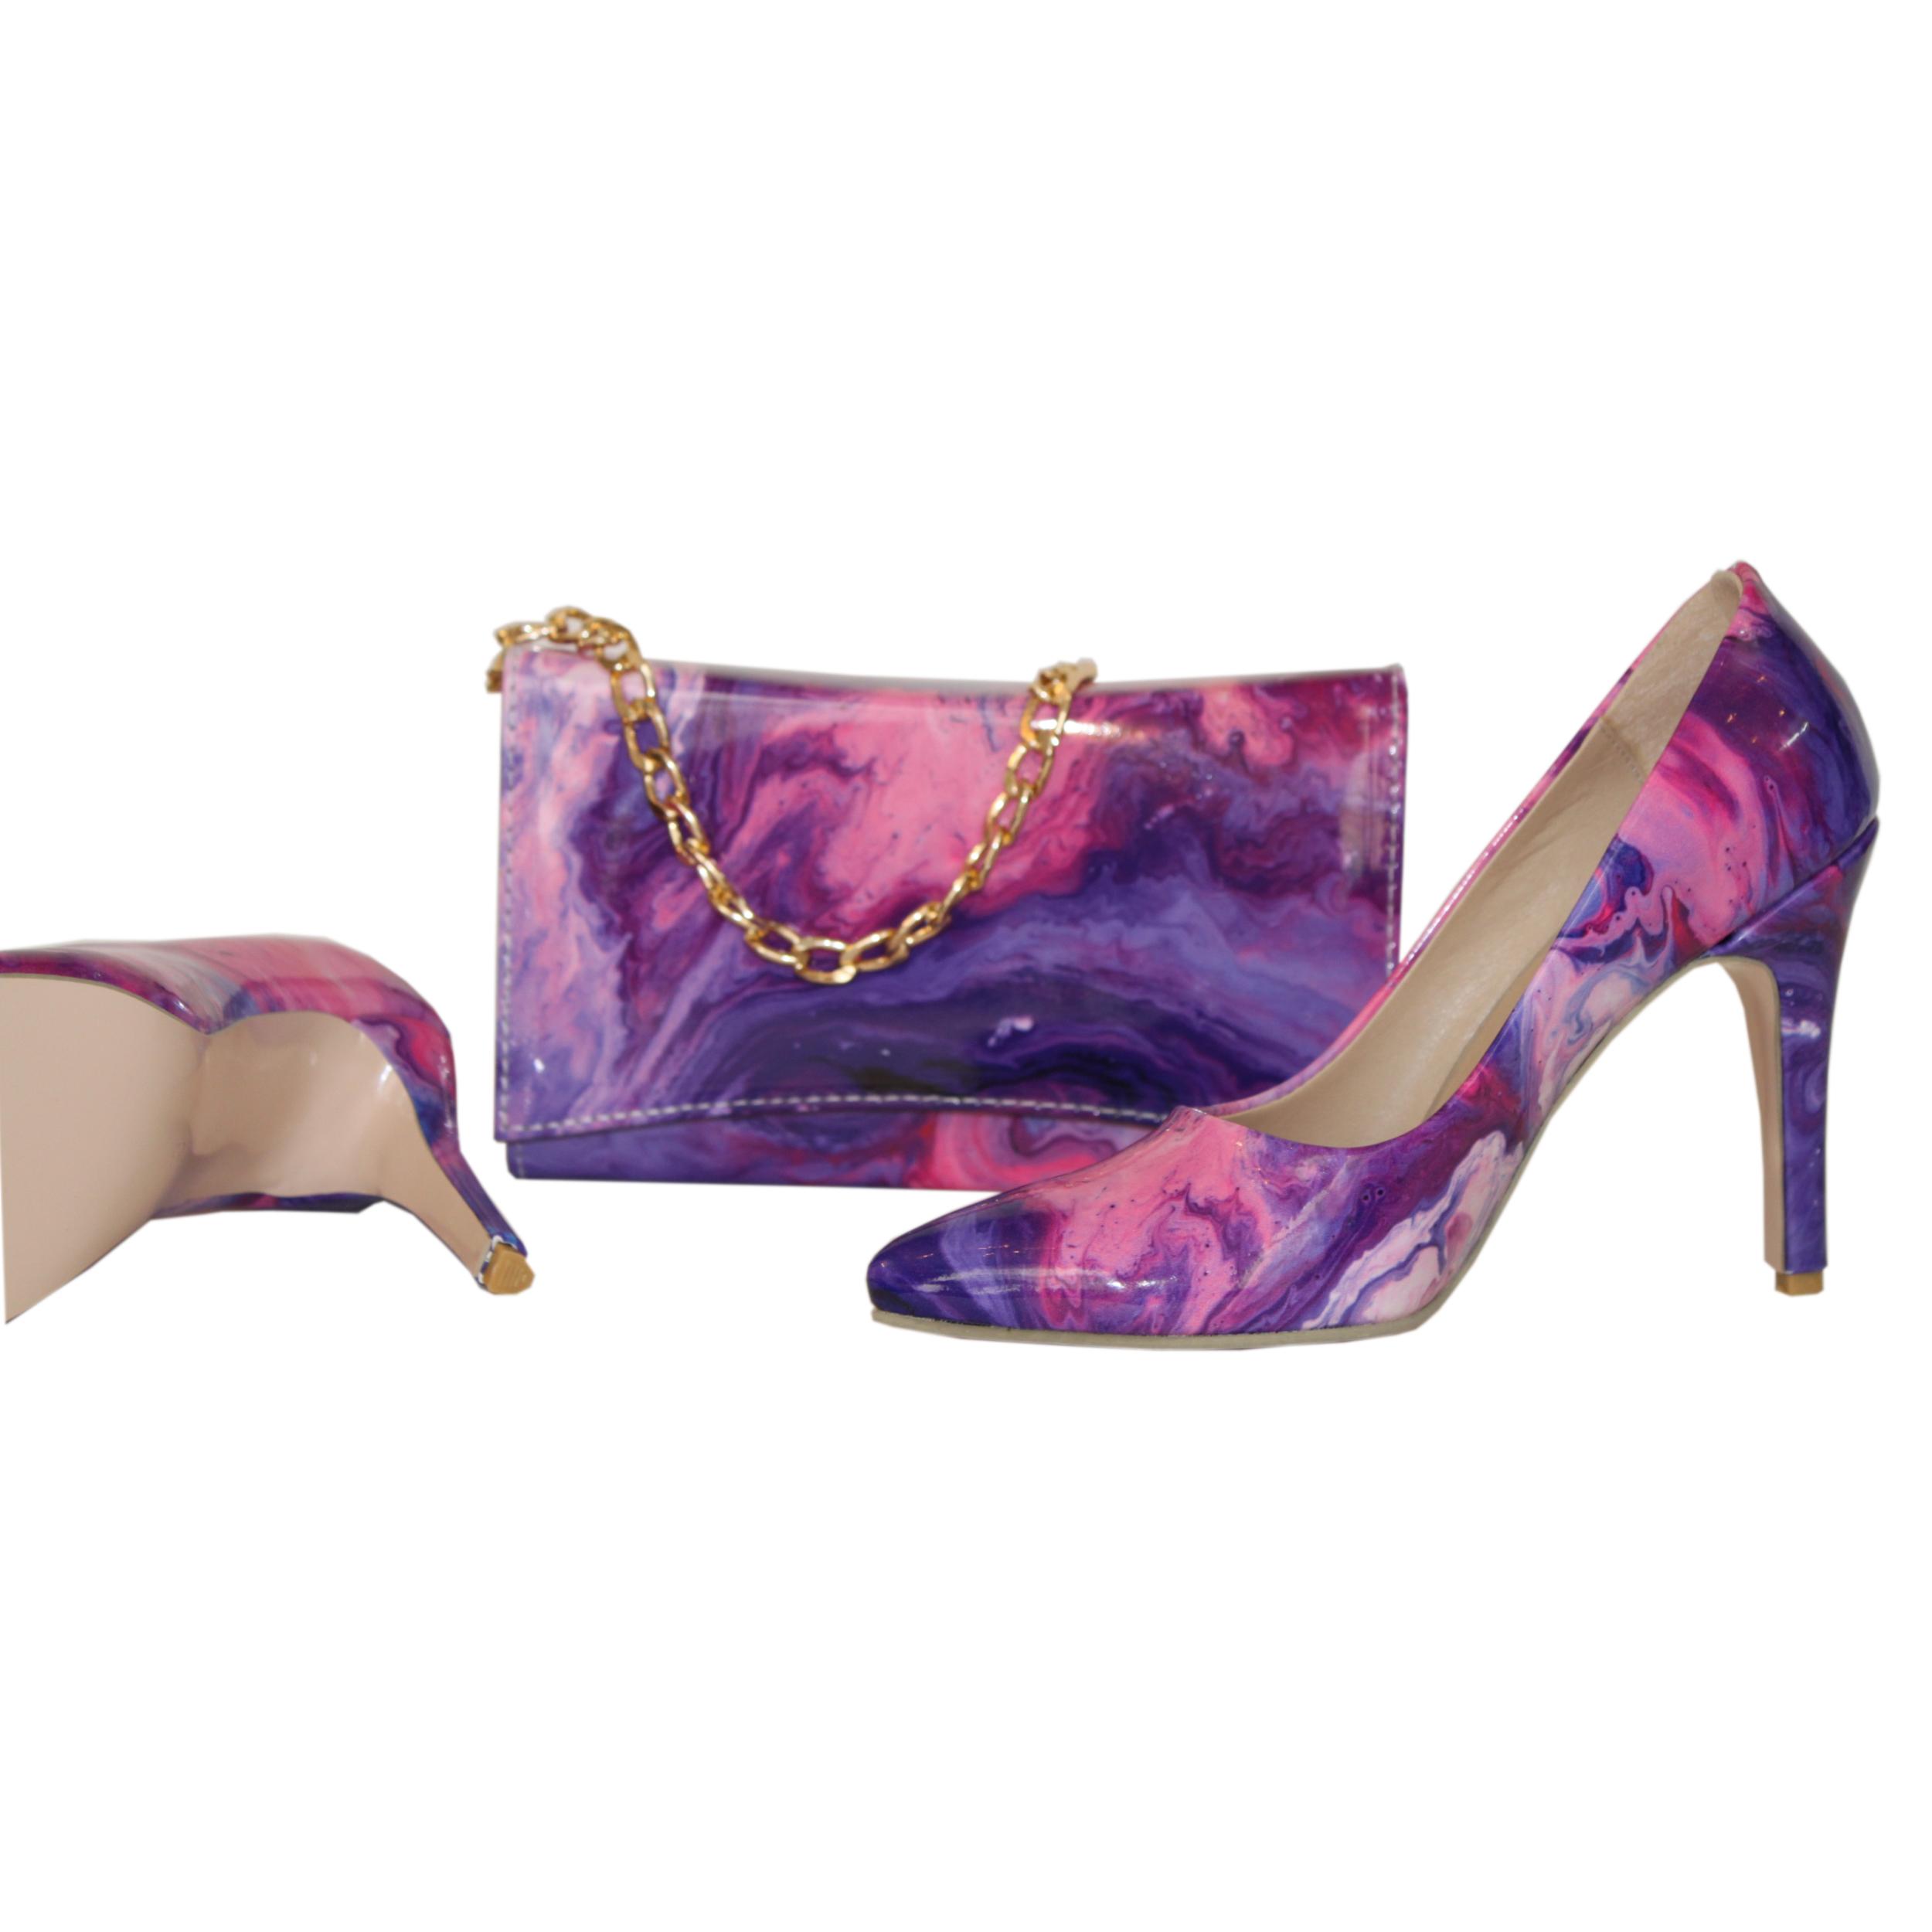 ست کیف و کفش زنانه کد 301 main 1 3